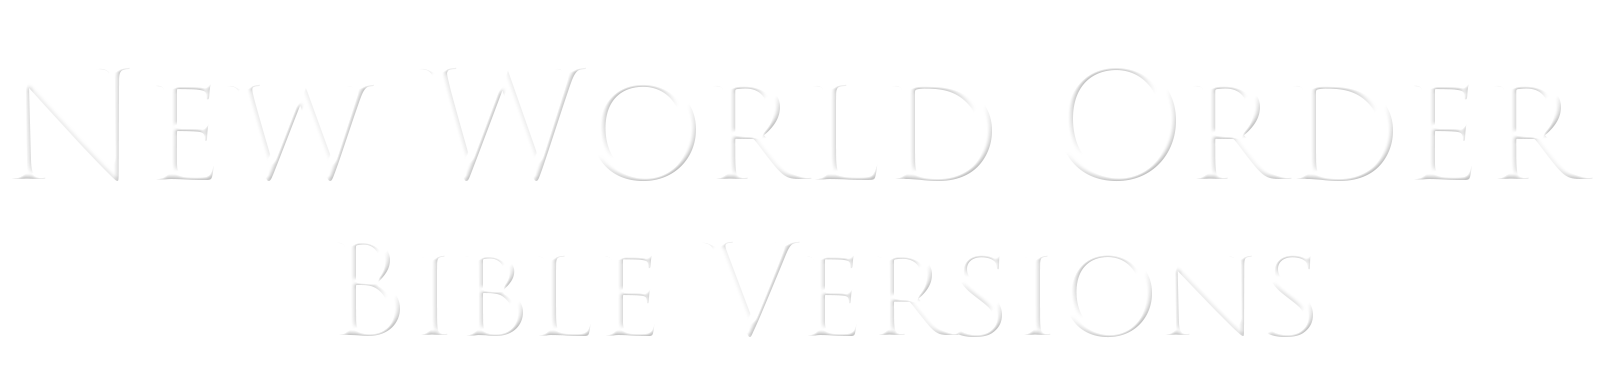 newworldorderbibleversionslogo